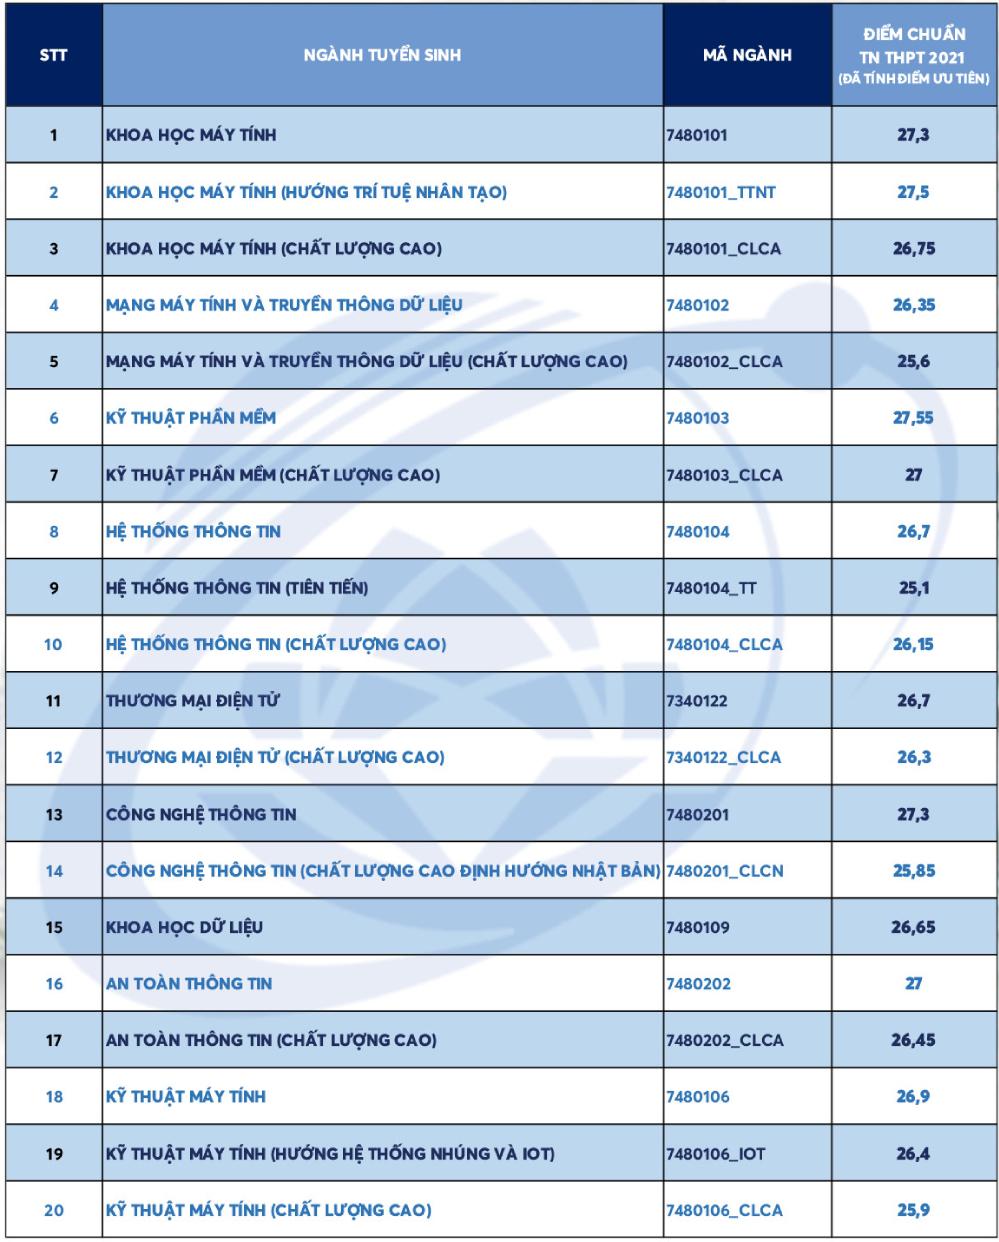 Điểm chuẩn Đại học Công nghệ Thông tin TP HCM 25,1-27,55